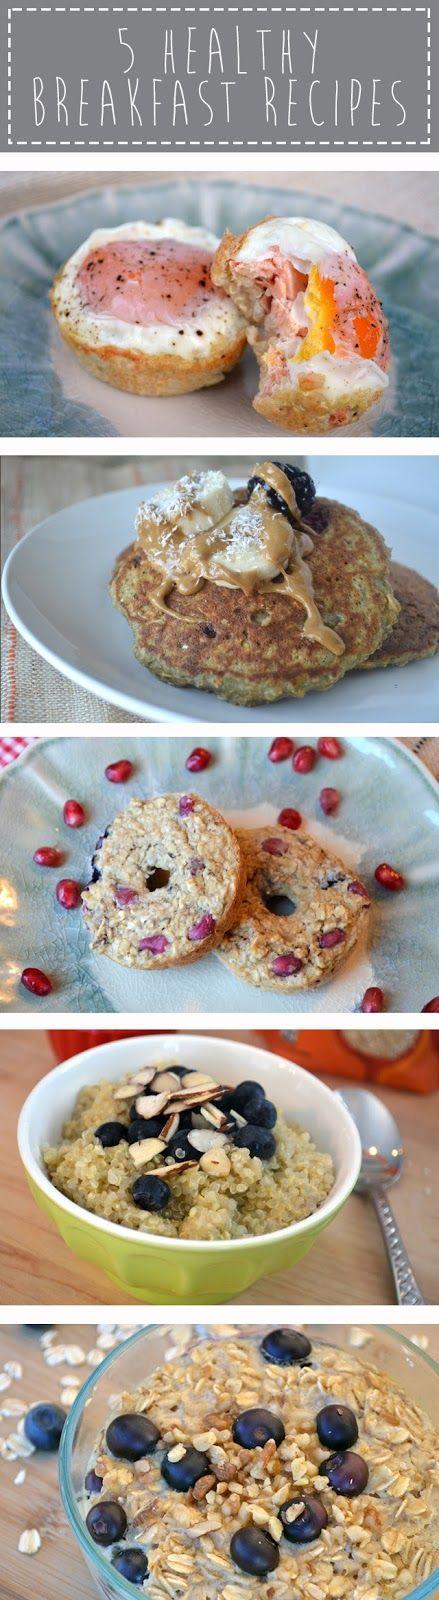 5 healthy breakfast recipes #healthy #recipe